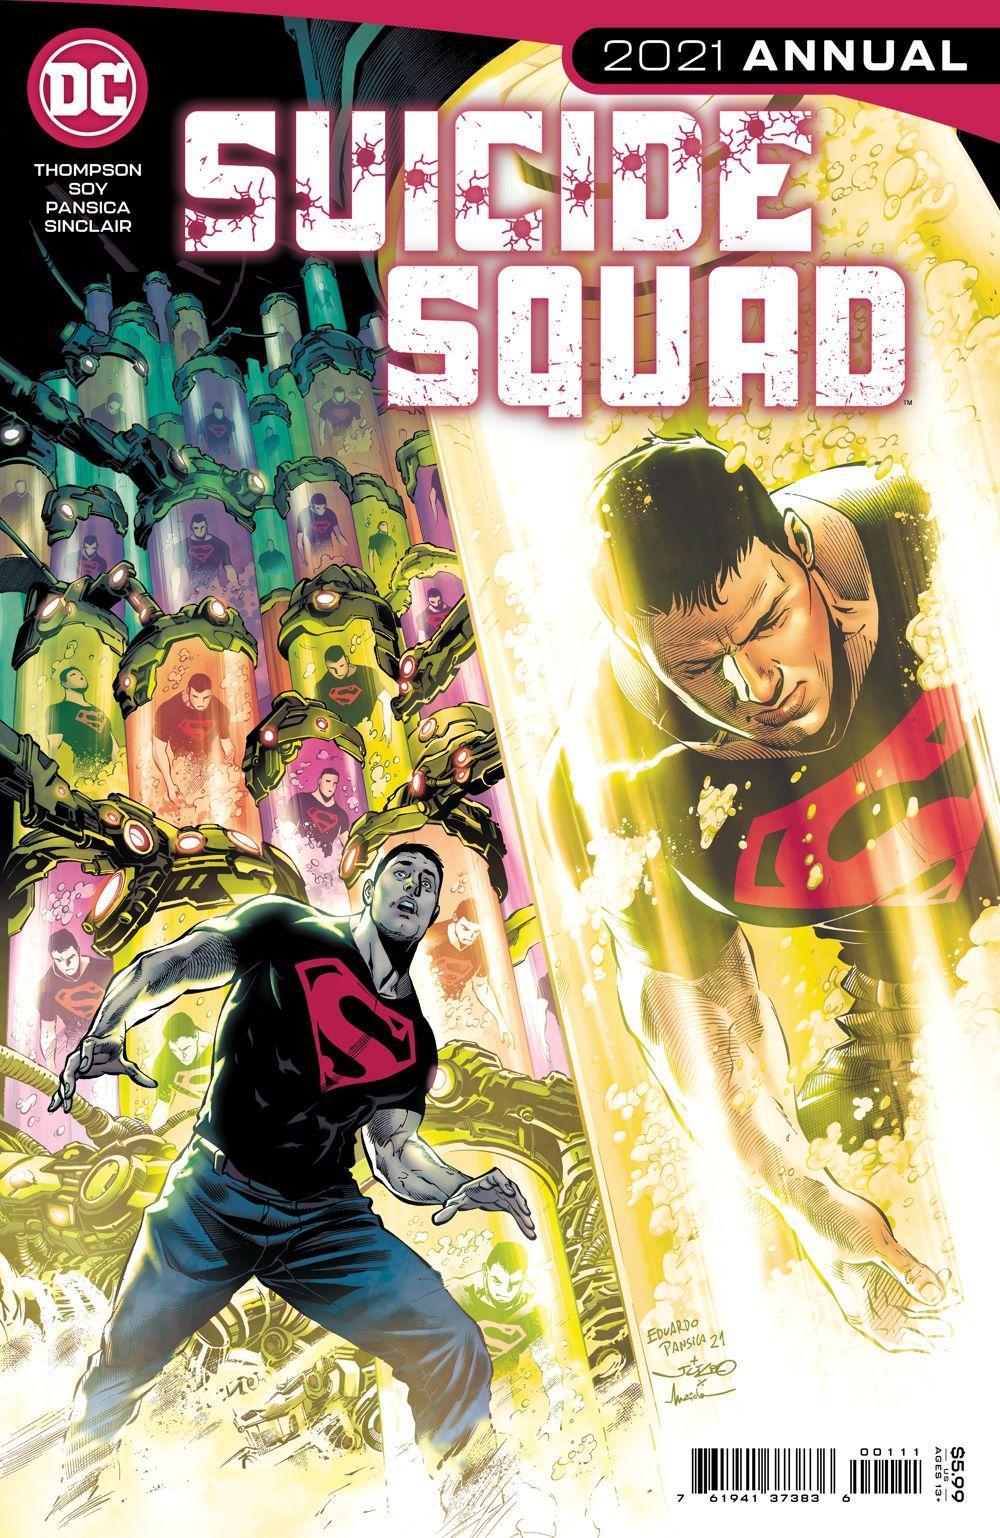 SSQAUDANN2021_Cv1 DC Comics August 2021 Solicitations